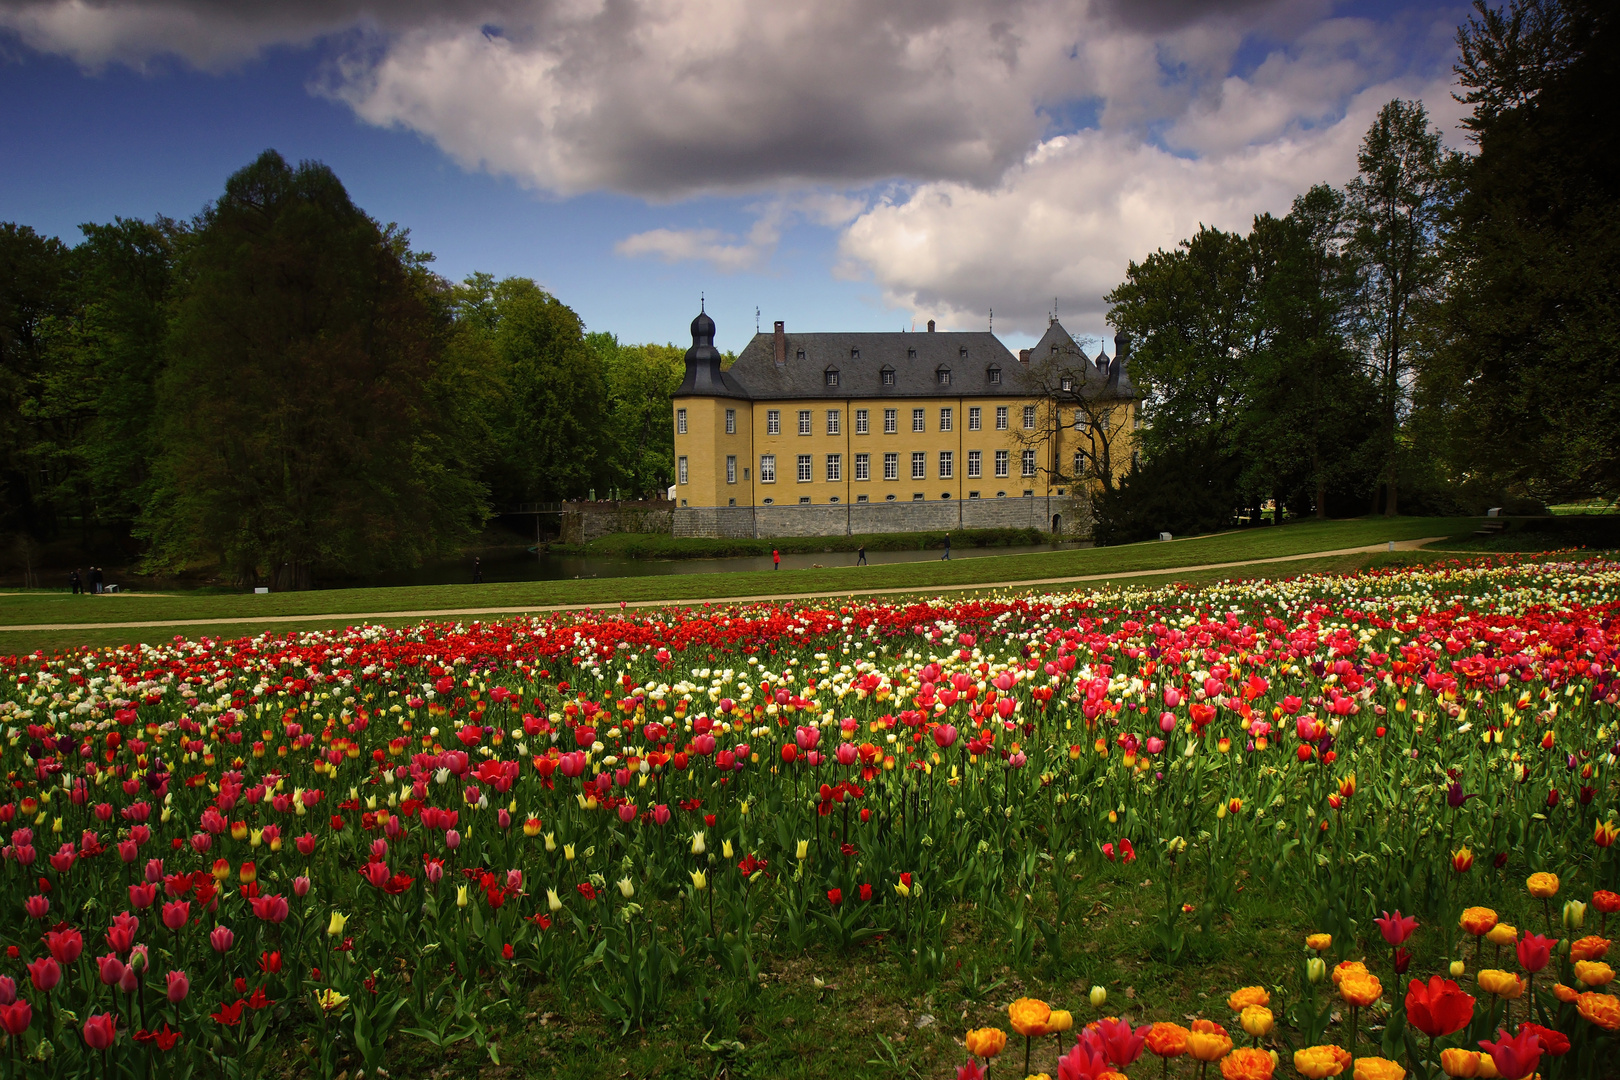 Tulpenvielfalt im Dycker Schlossgarten 1